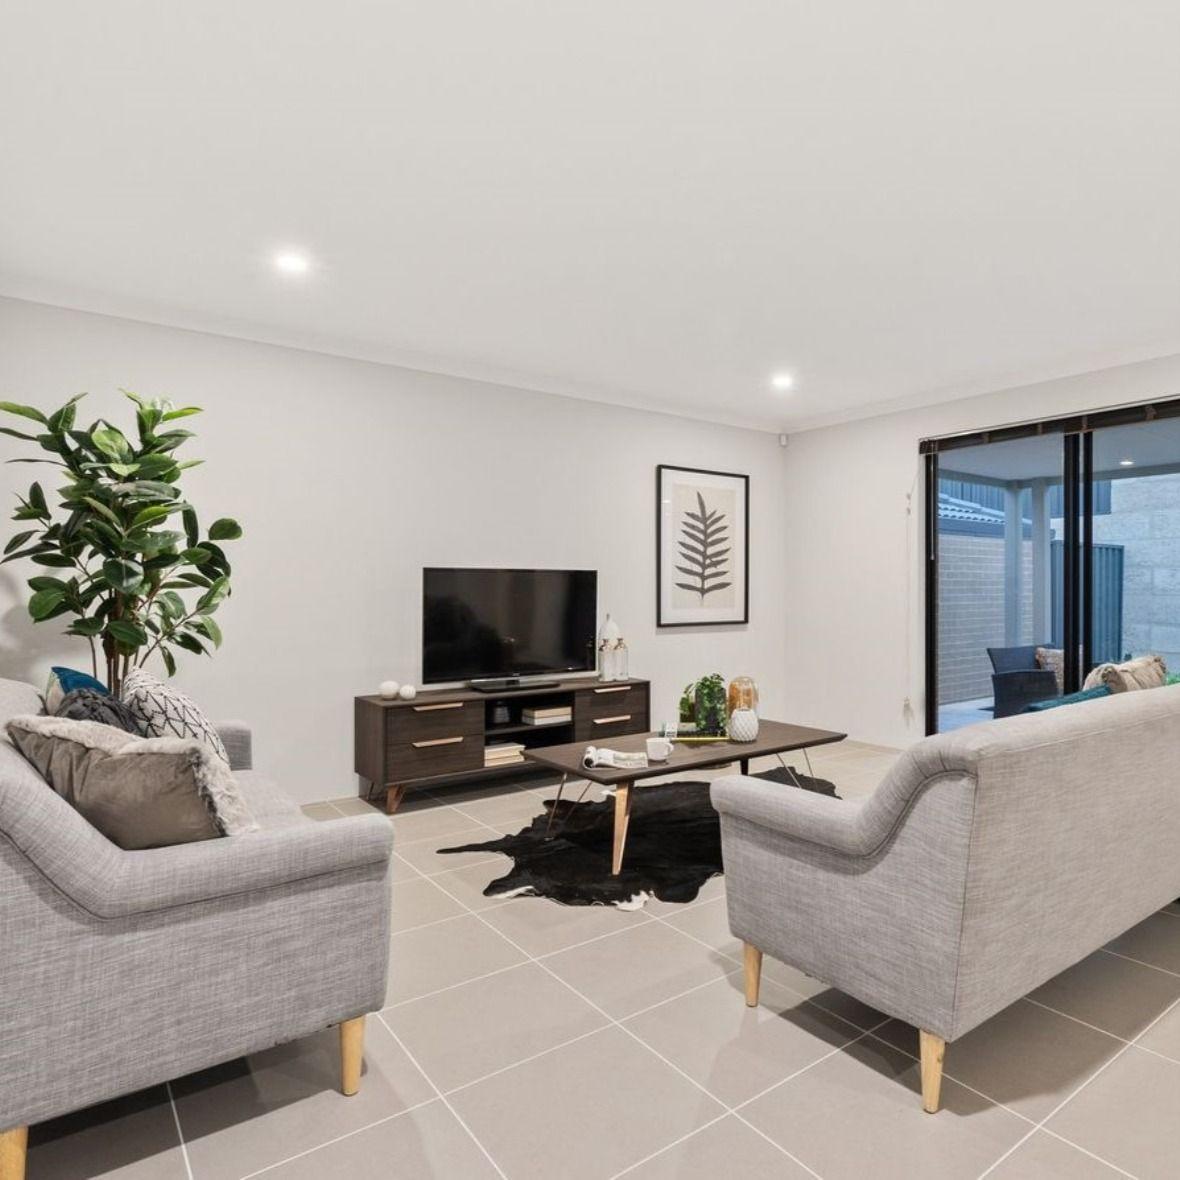 Floral White In 2020 Living Room Tiles Tile Floor Living Room White Tile Floor #white #tile #floor #living #room #ideas